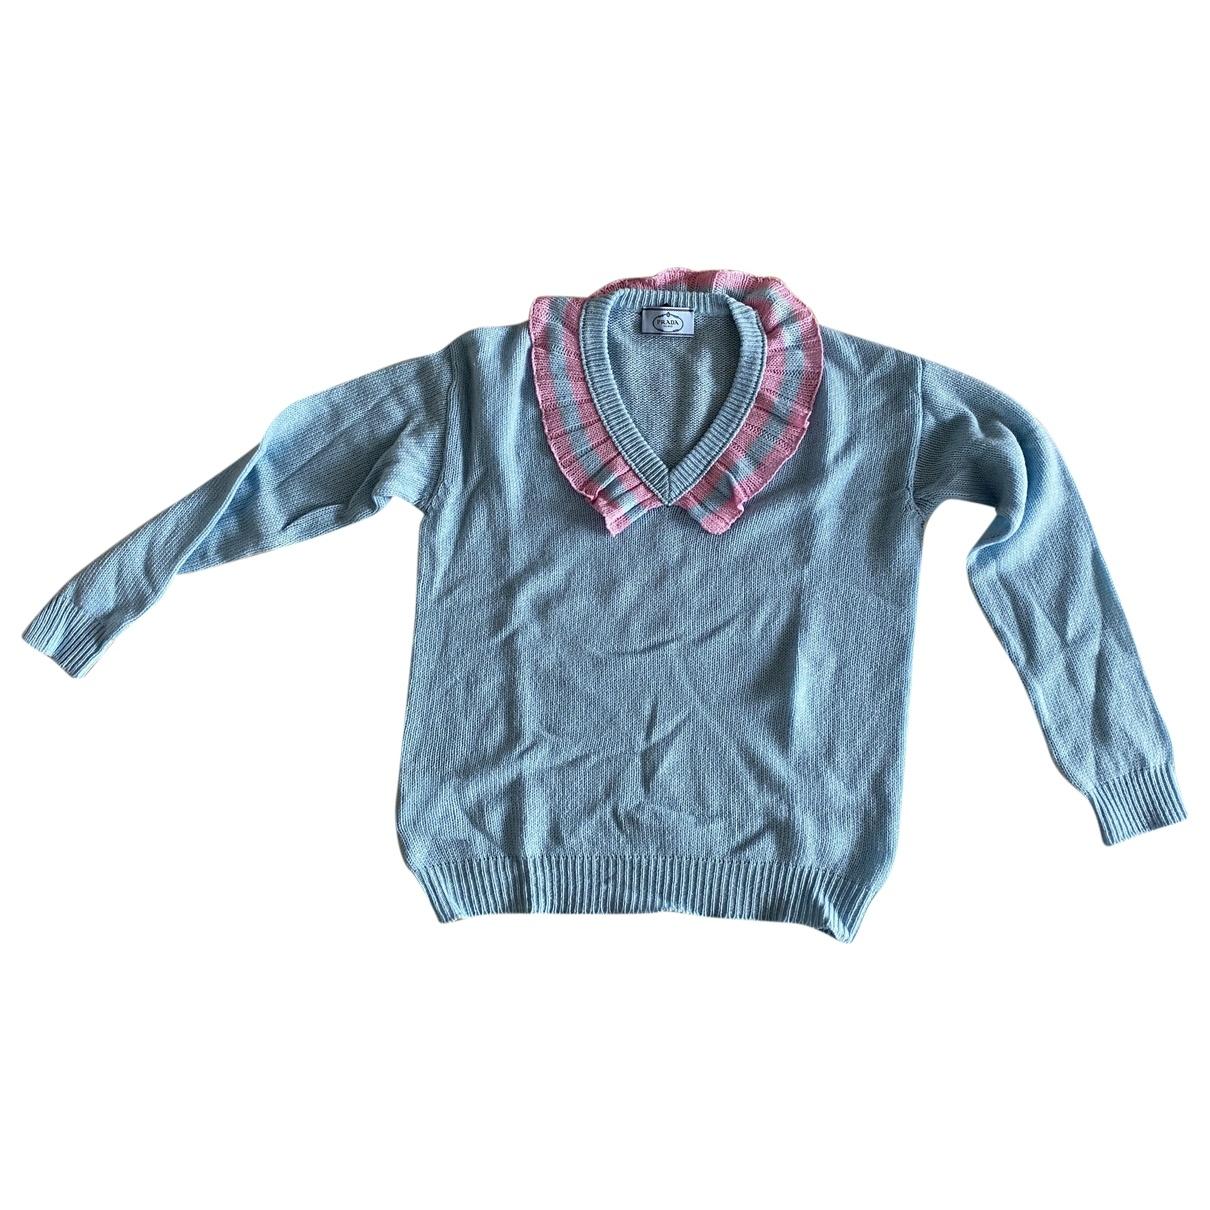 Prada - Pull   pour femme en cachemire - bleu